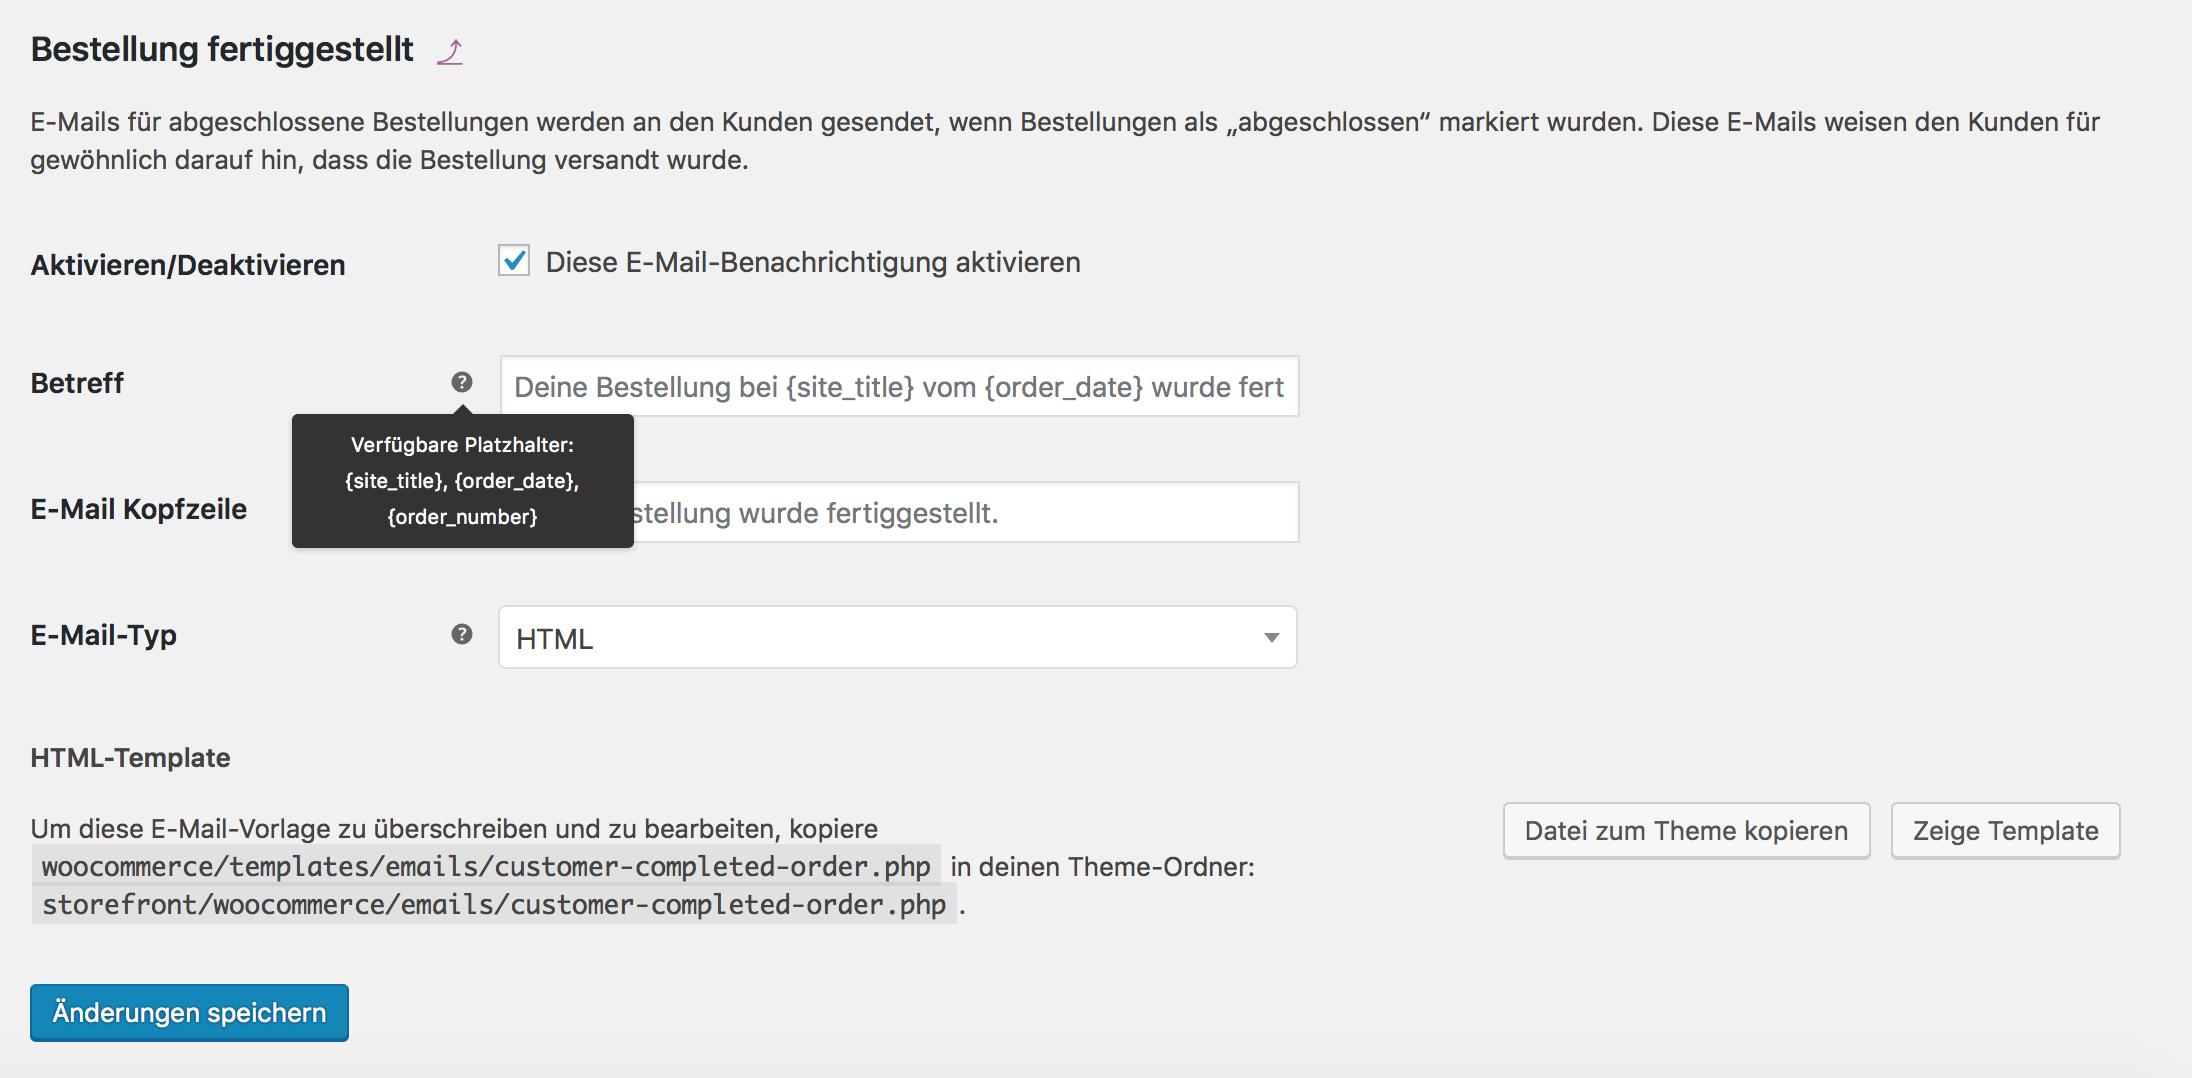 Anpassen der WooCommerce E-Mail Templates